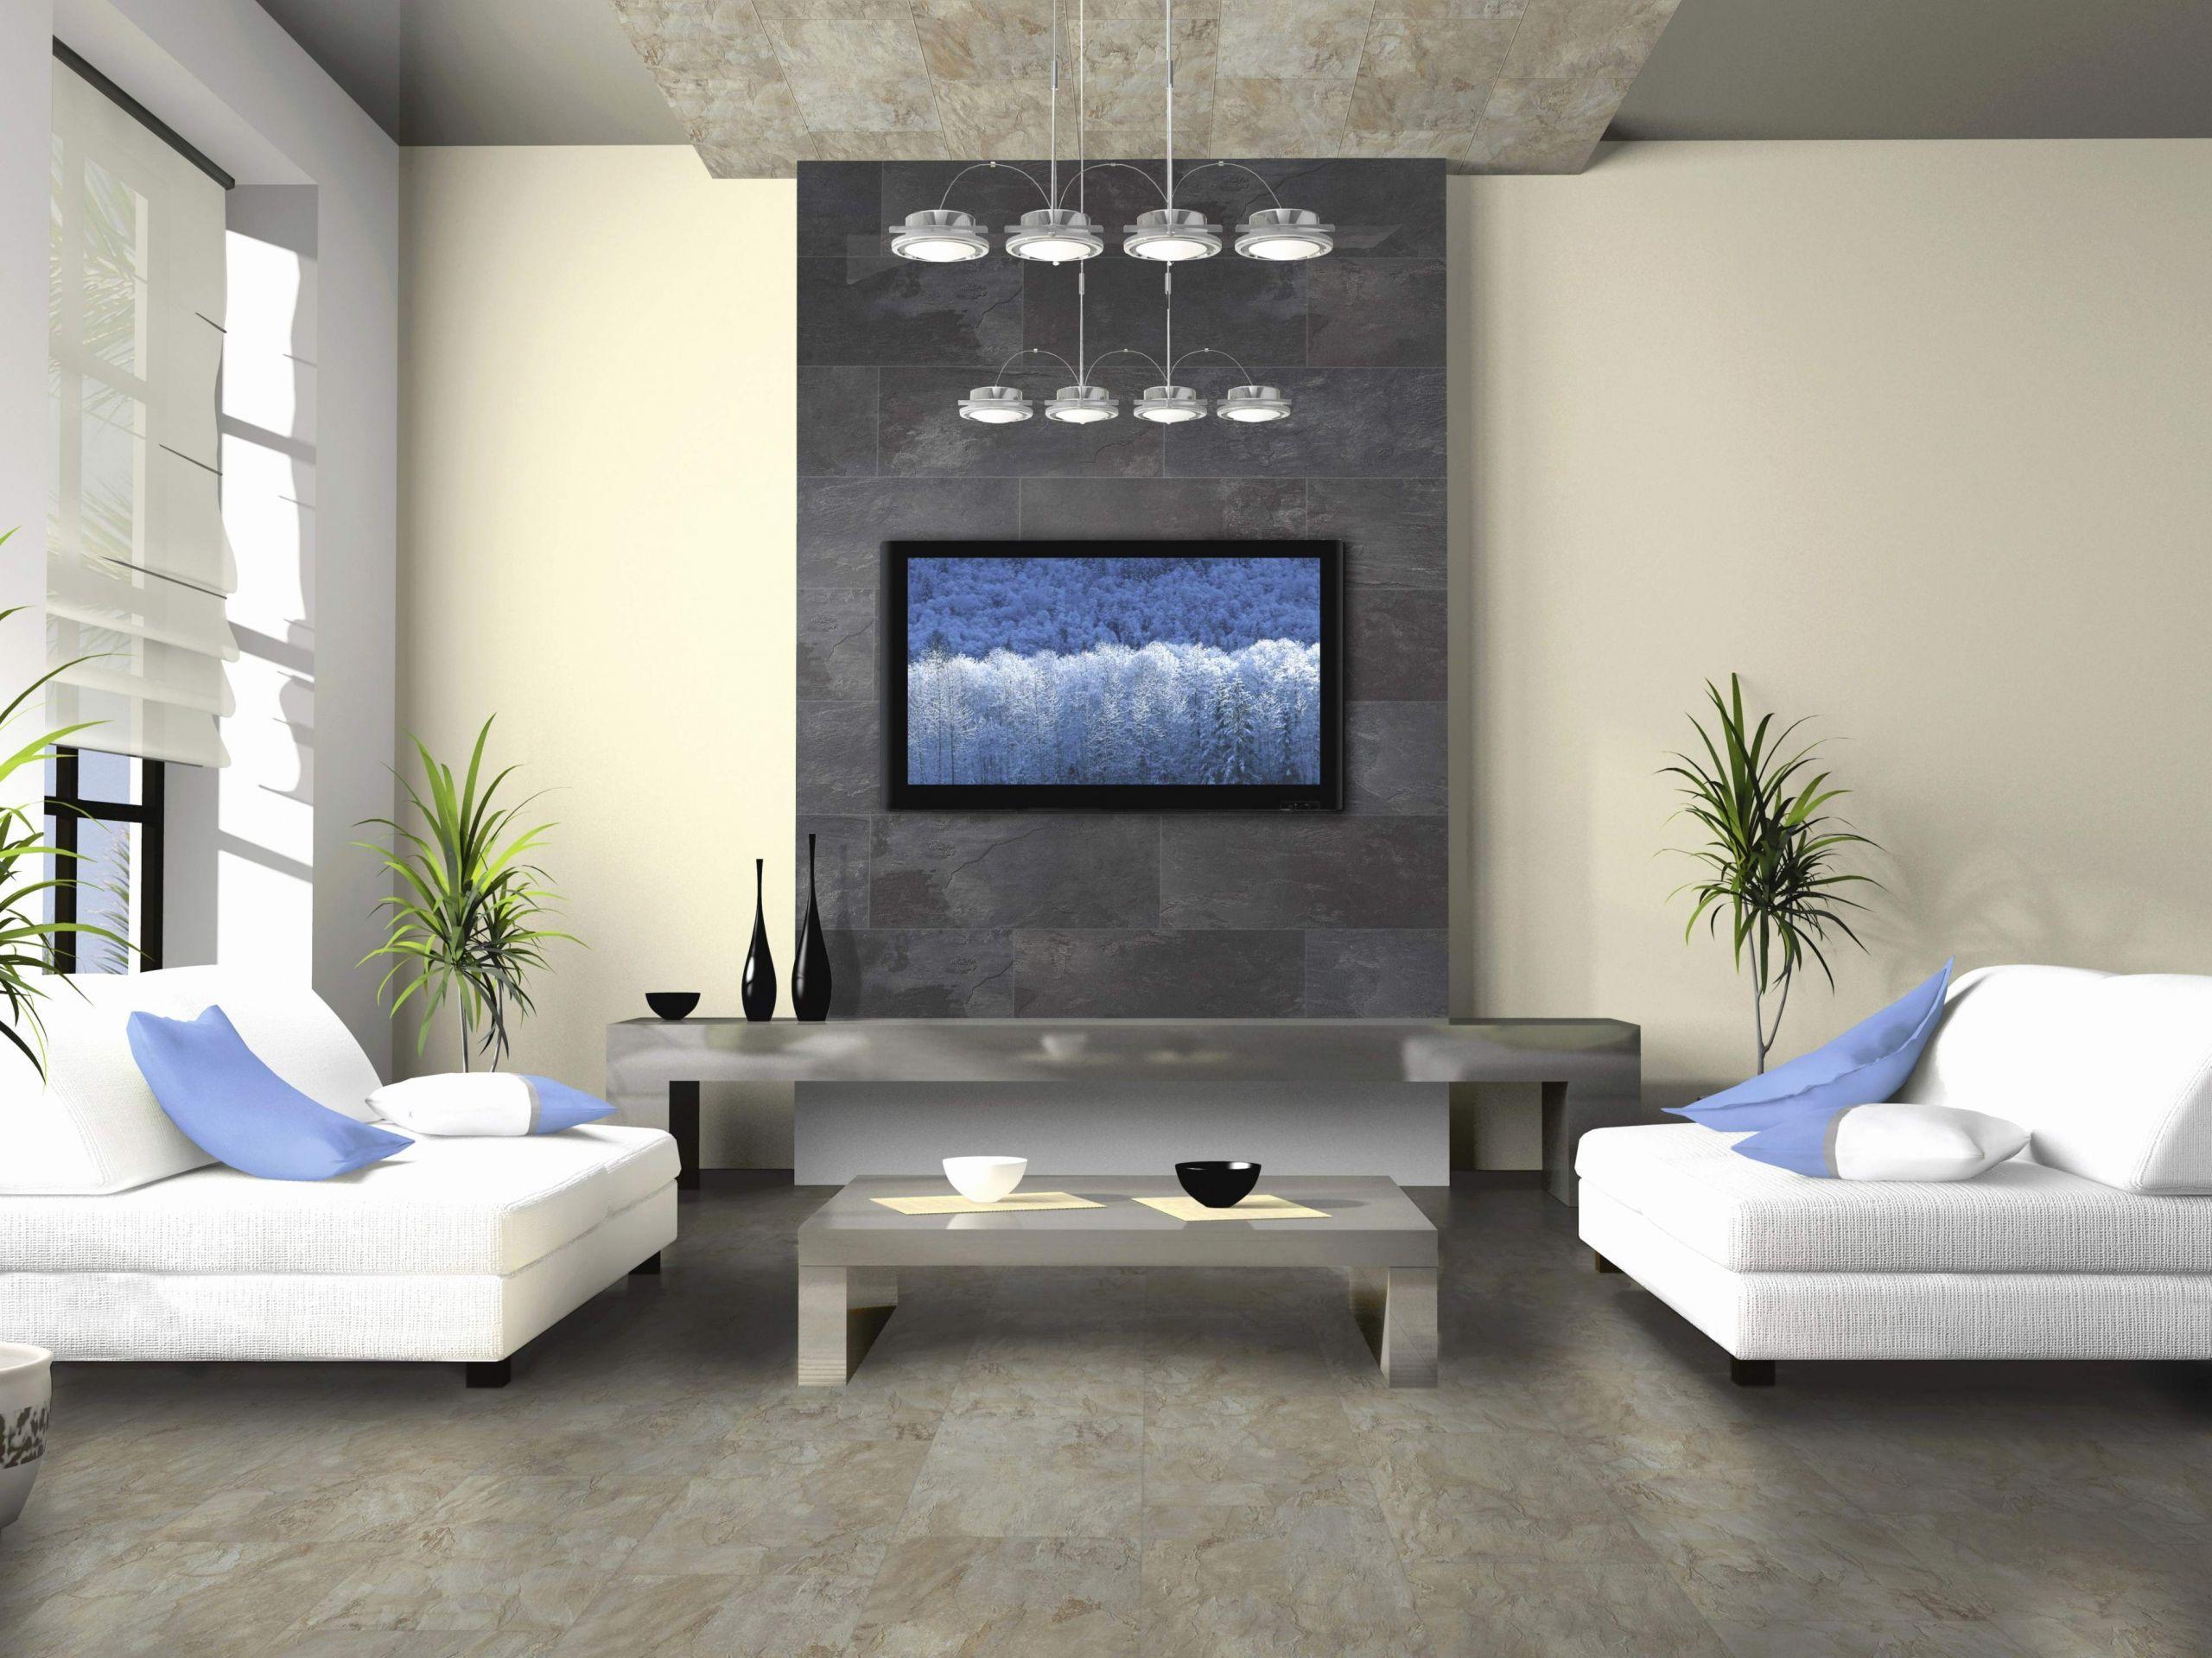 Pflanzen Ideen in 10  Deko wohnzimmer modern, Wohnzimmer modern